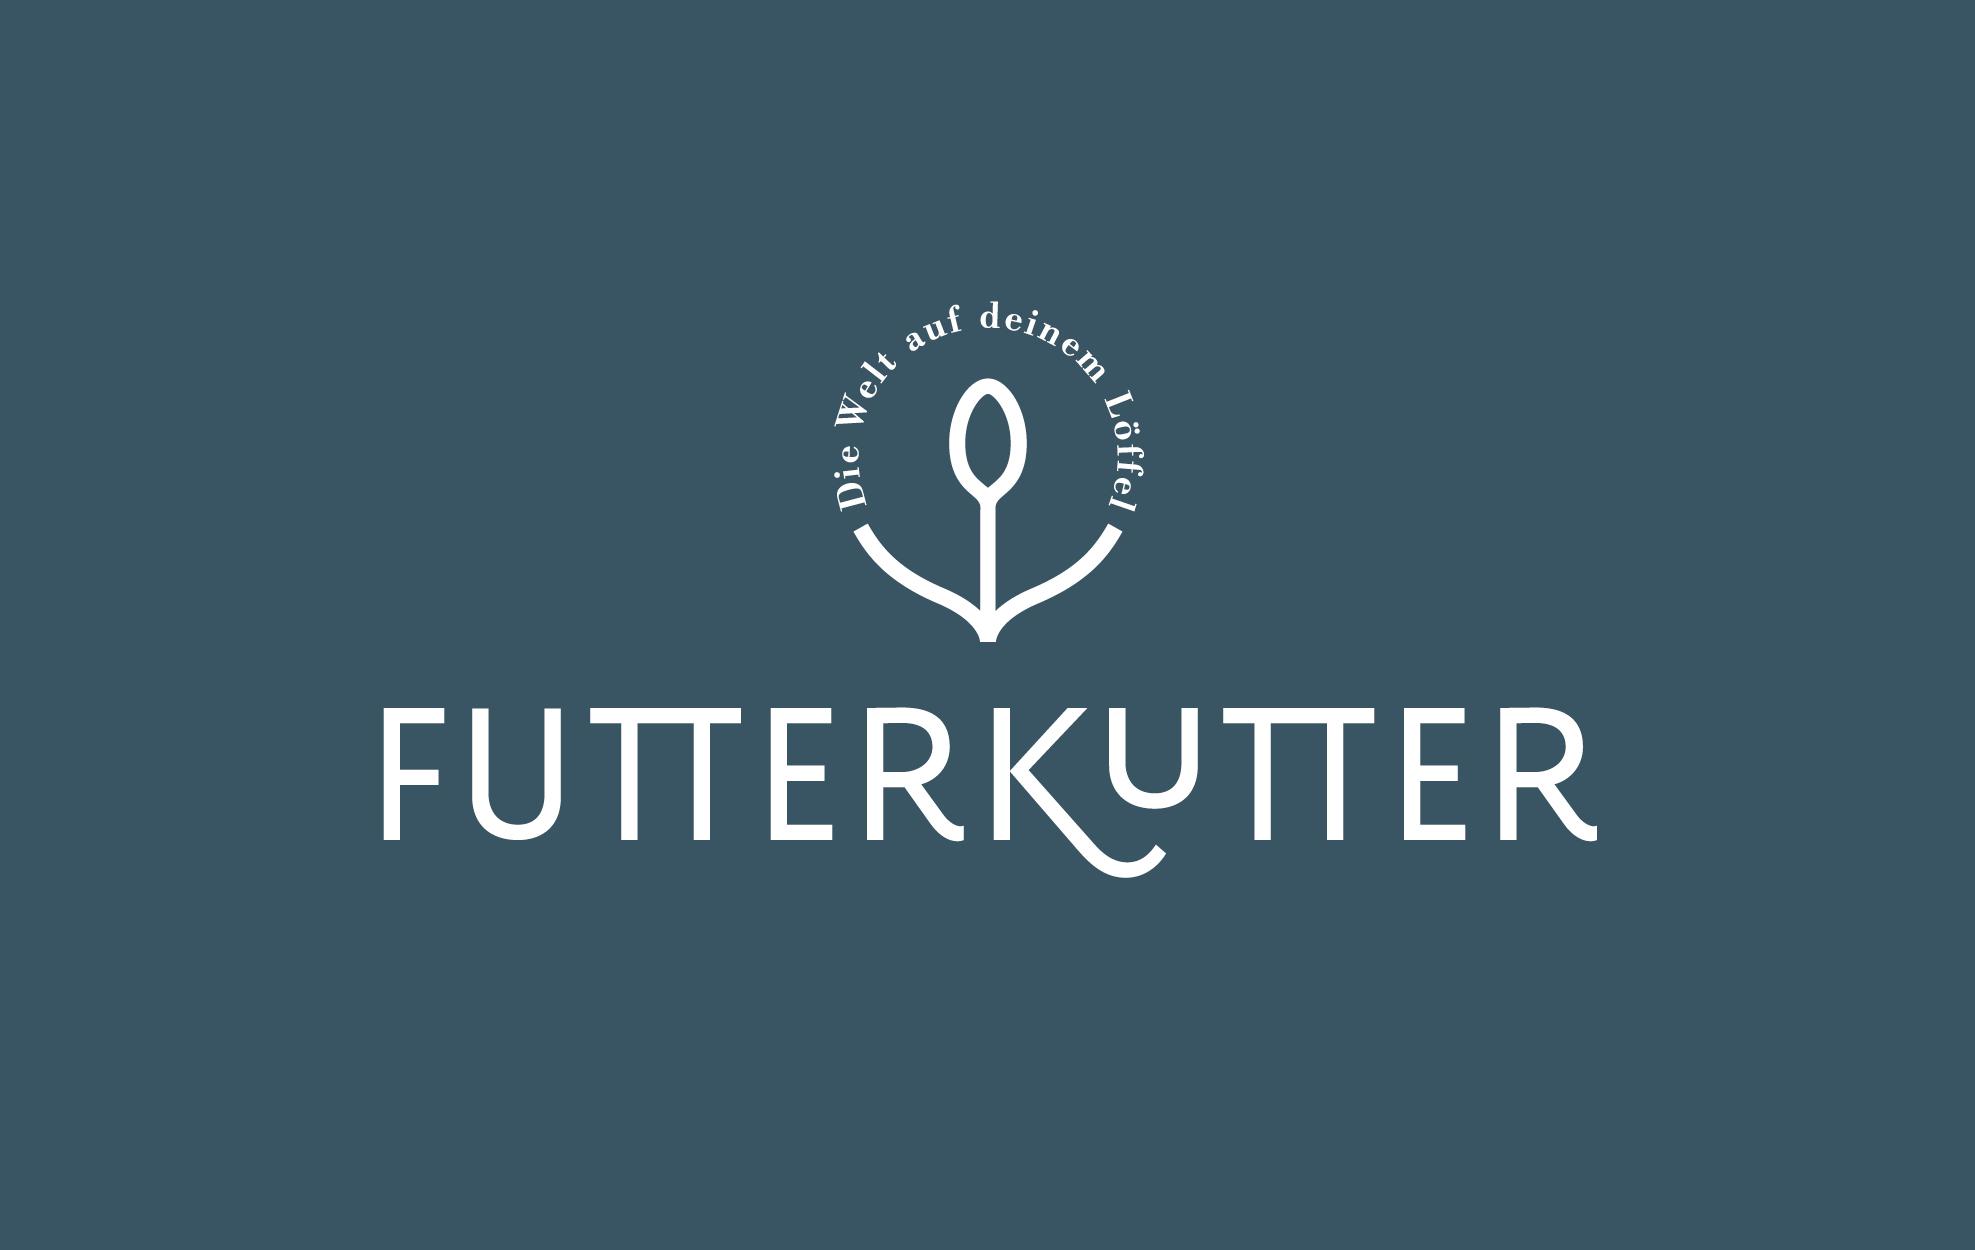 grafik-design-futterkutter-1